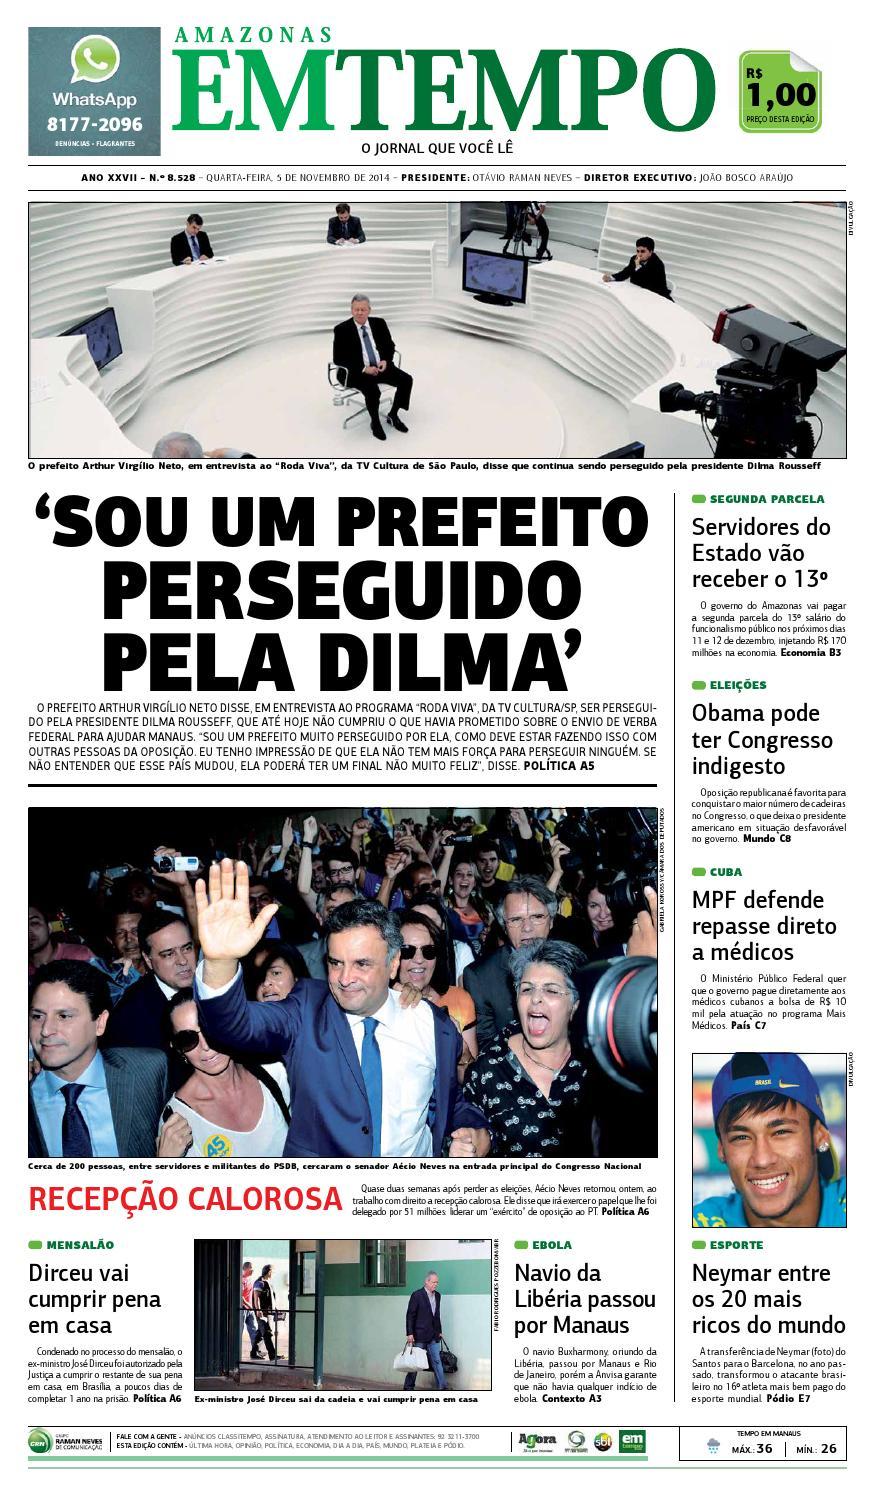 9c226adf0d7dc EM TEMPO - 5 de novembro de 2014 by Amazonas Em Tempo - issuu